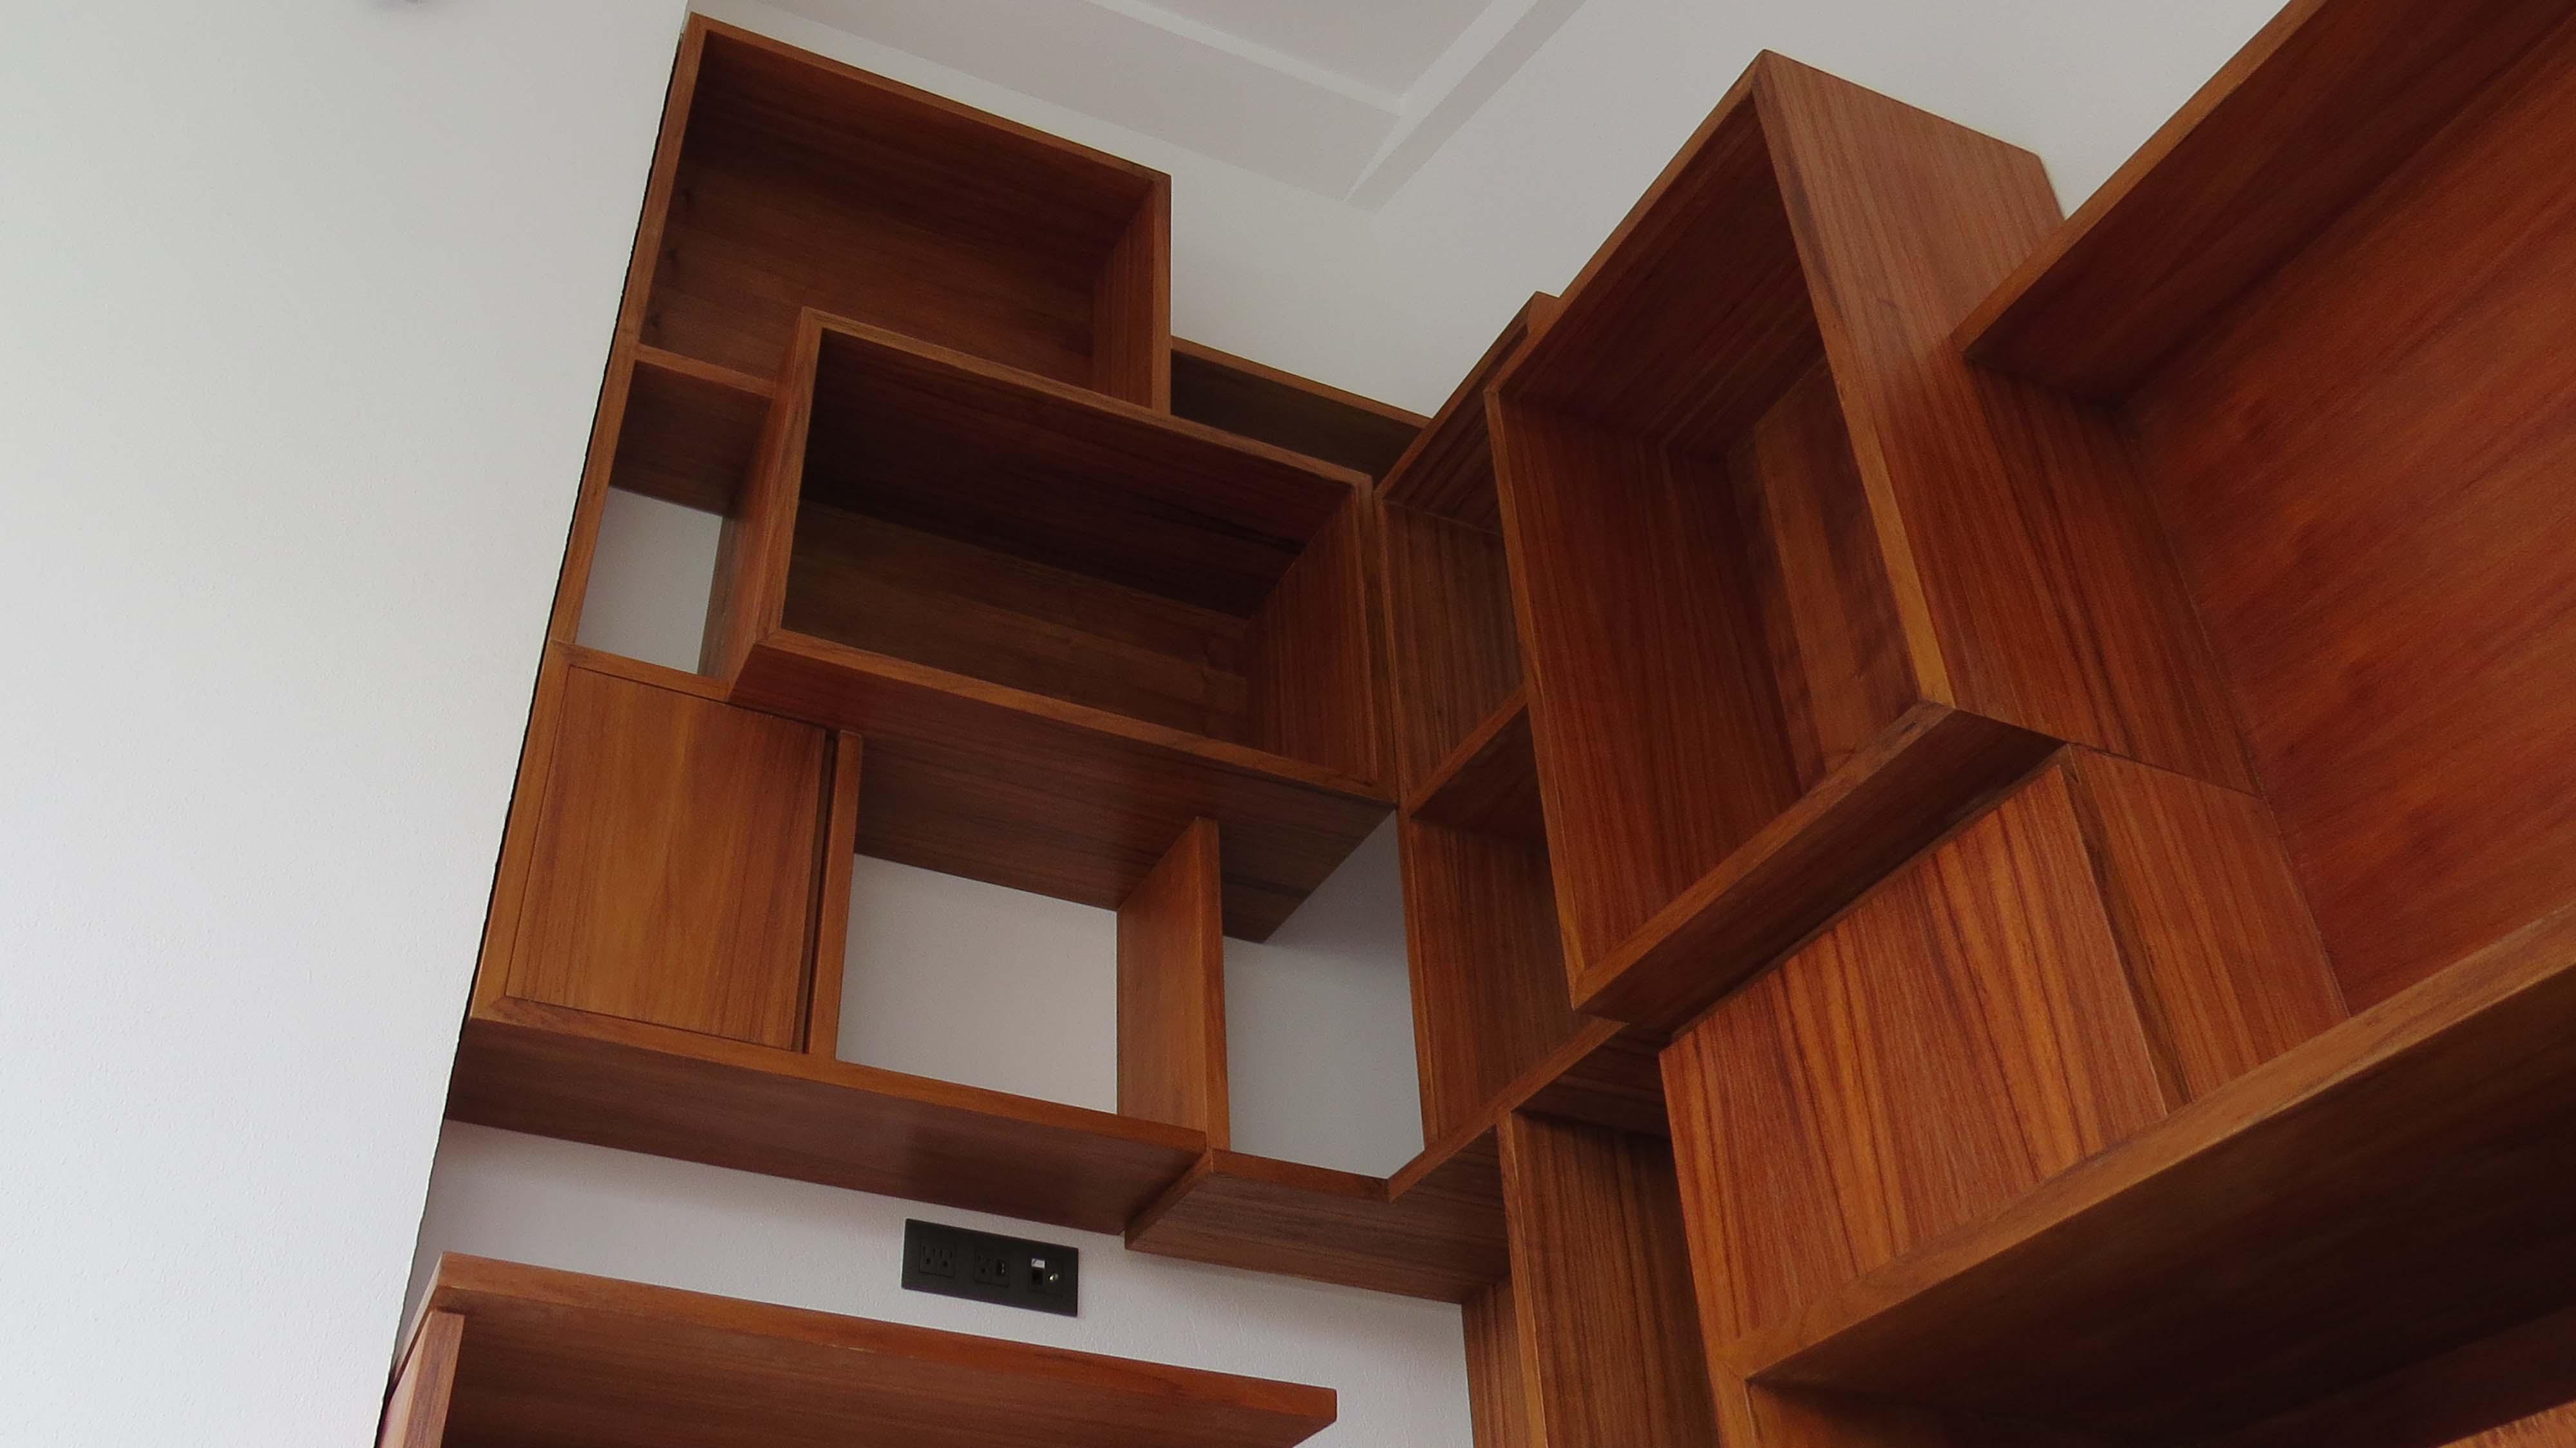 Maquiladora De Muebles Carpintero Arquitecto Contratista  # Muebles Gustavo